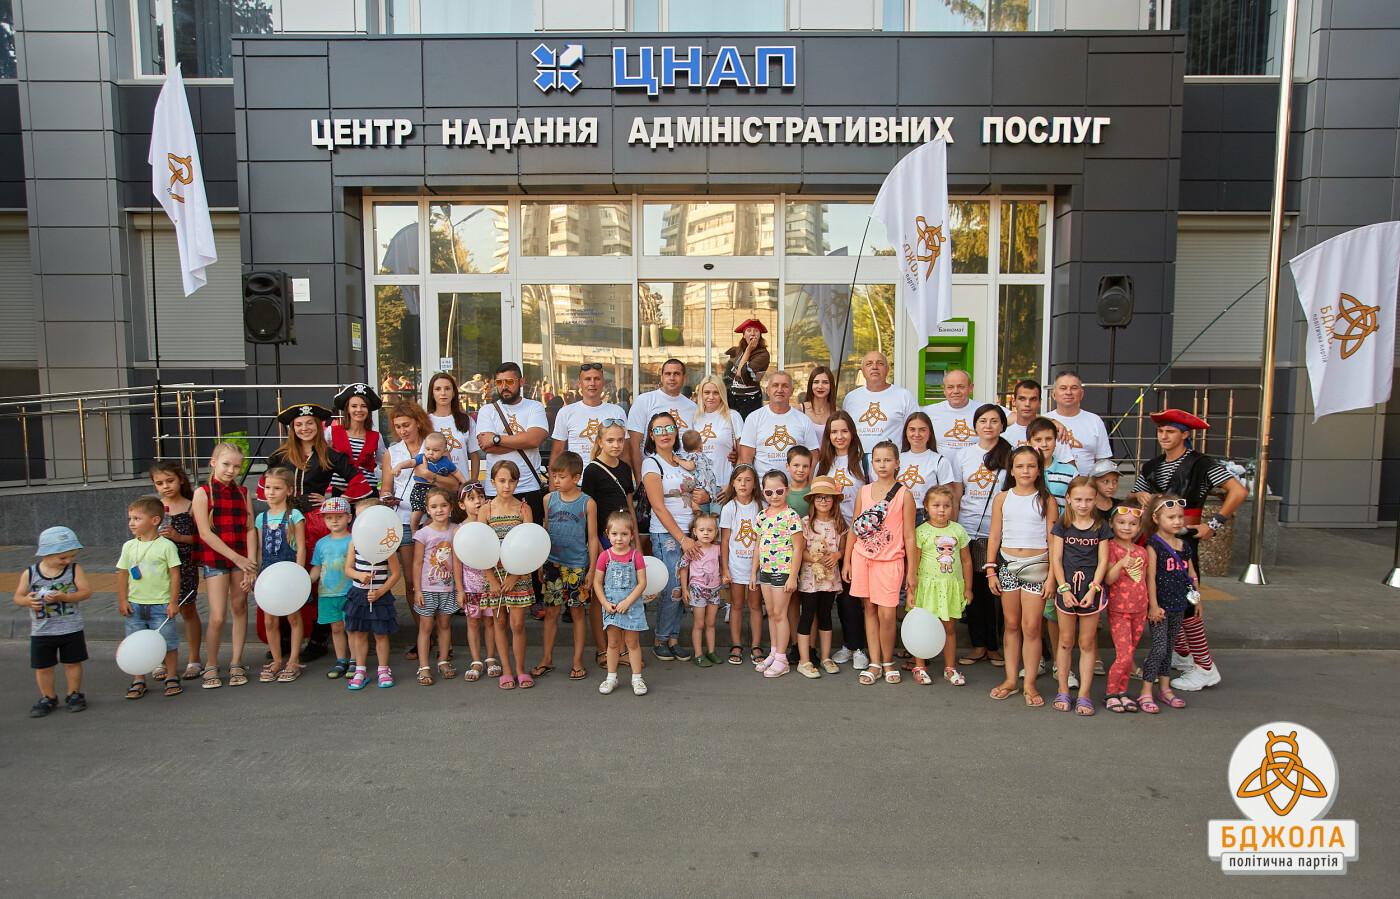 Детский праздник в Каменском организовала ПП «Бджола», фото-1